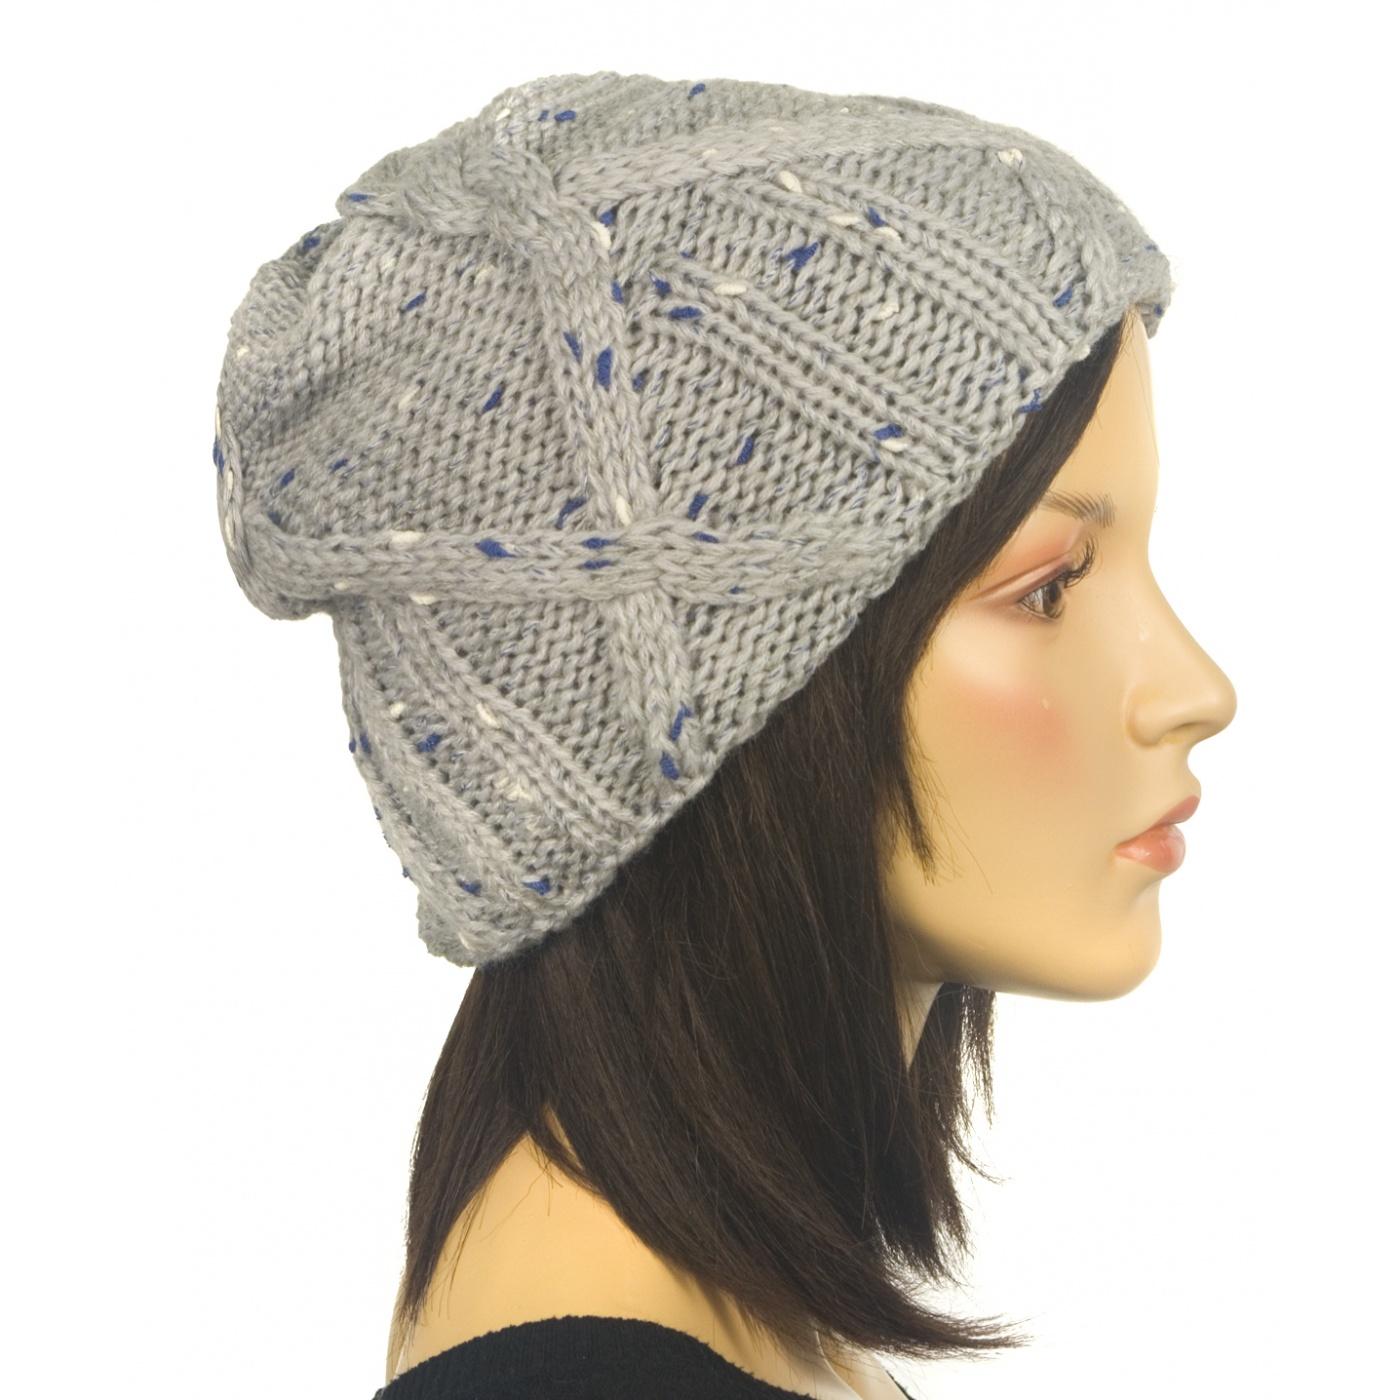 Ciepła czapka damska - popielata z akcentami niebieskiego